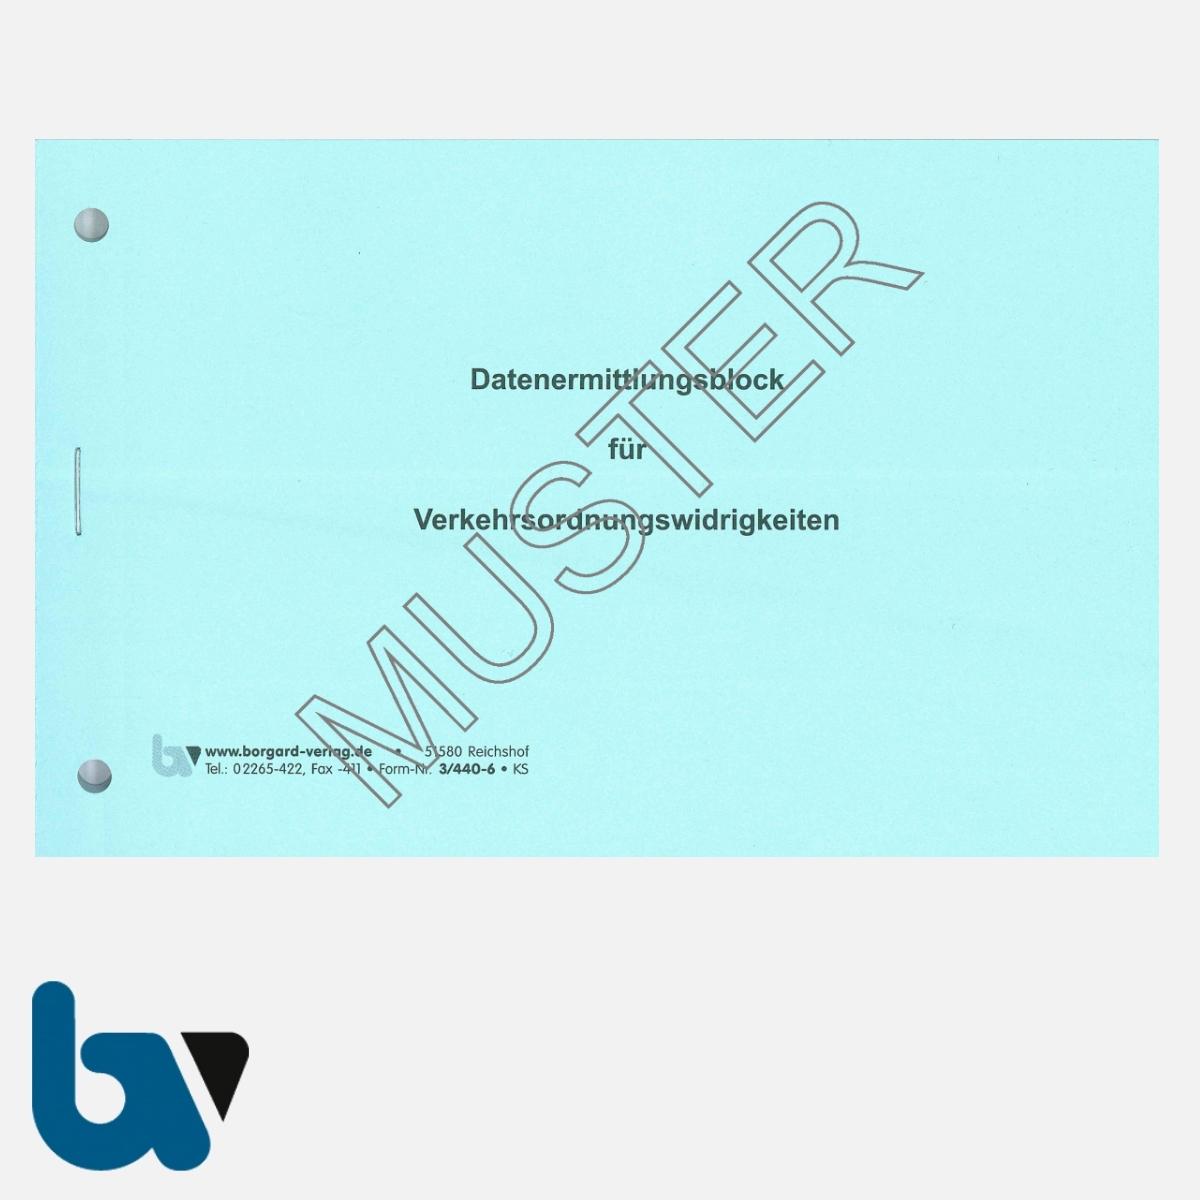 3/440-6 Datenermittlungsblock Verkehrsordnungswidrigkeiten Belehrung Auszug Tatbestandskatalog selbstdurchschreibend DIN A6 2-fach Seite 1 | Borgard Verlag GmbH